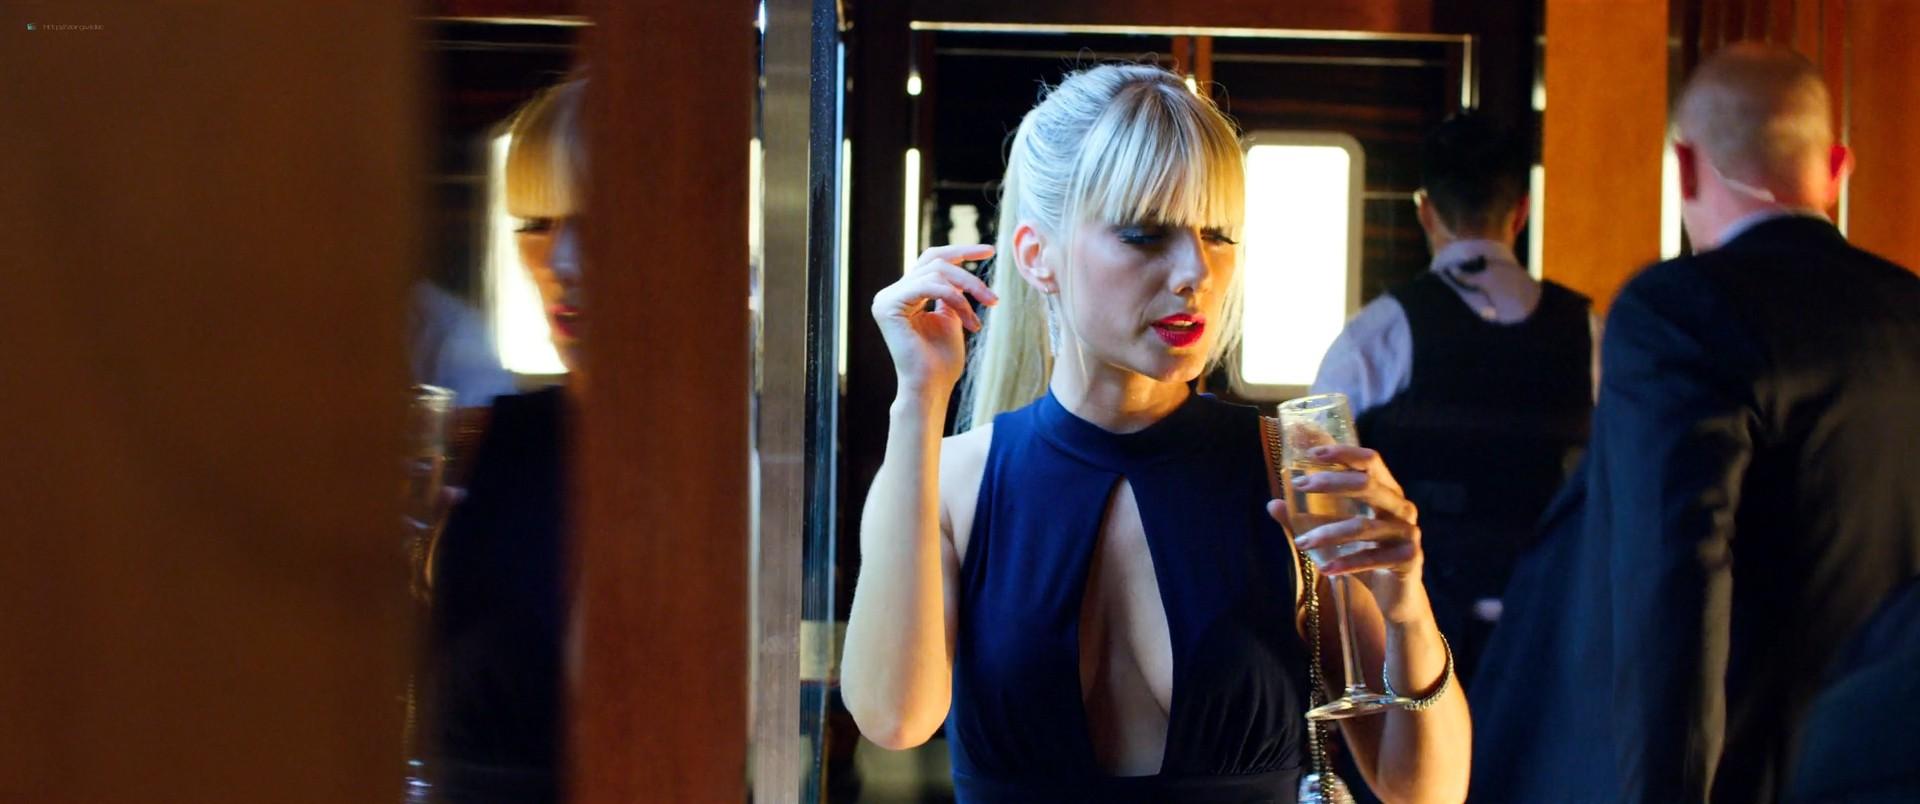 Adria Arjona hot and sex Melanie Laurent hot sex too - 6 Underground (2019) HD 1080p WEB (2)